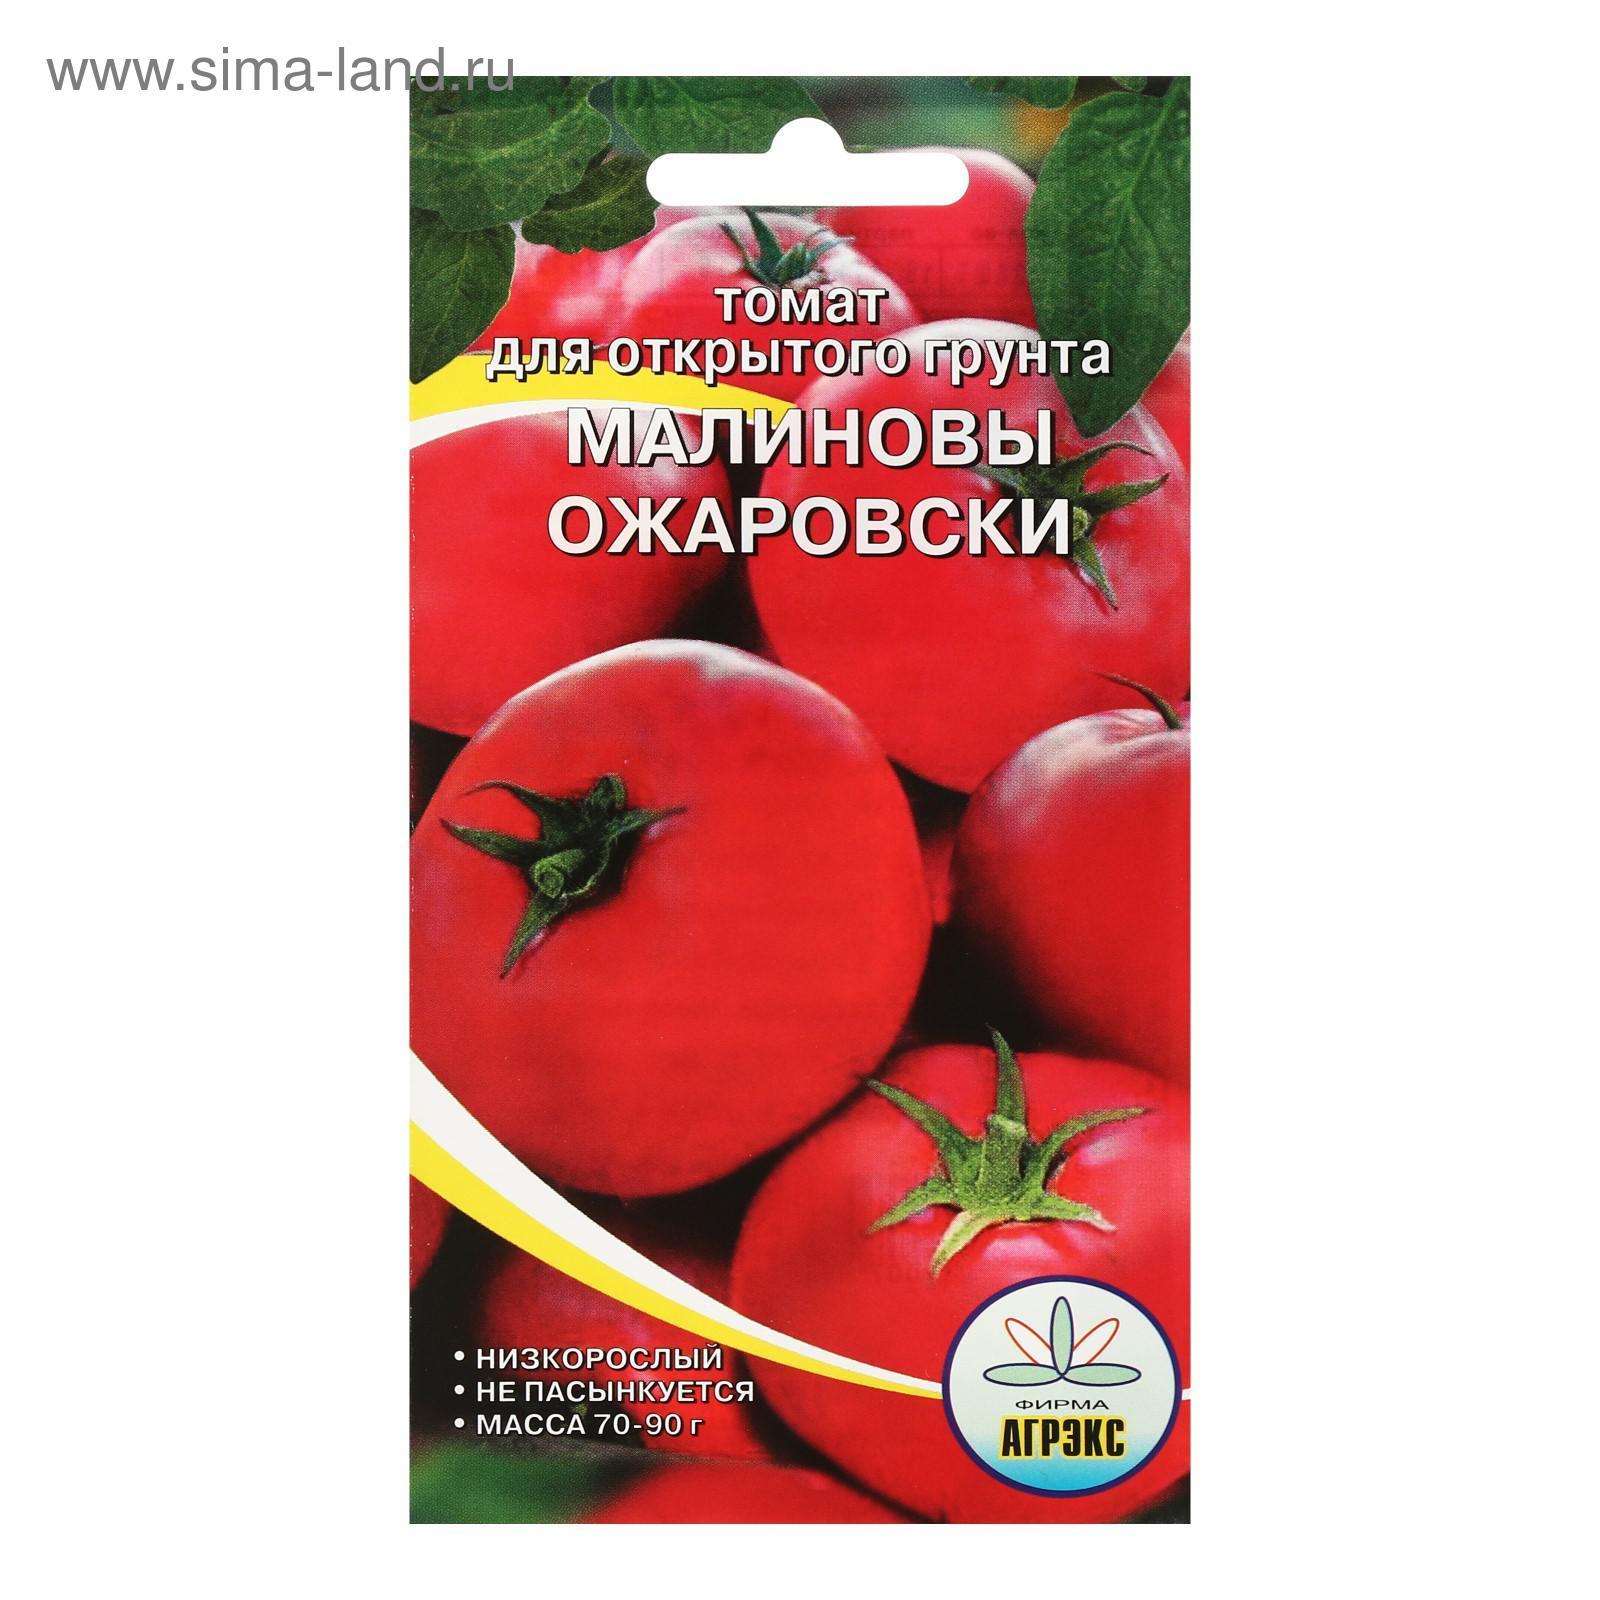 Описание сорта томатов «ожаровский малиновый»: отзывы огородников